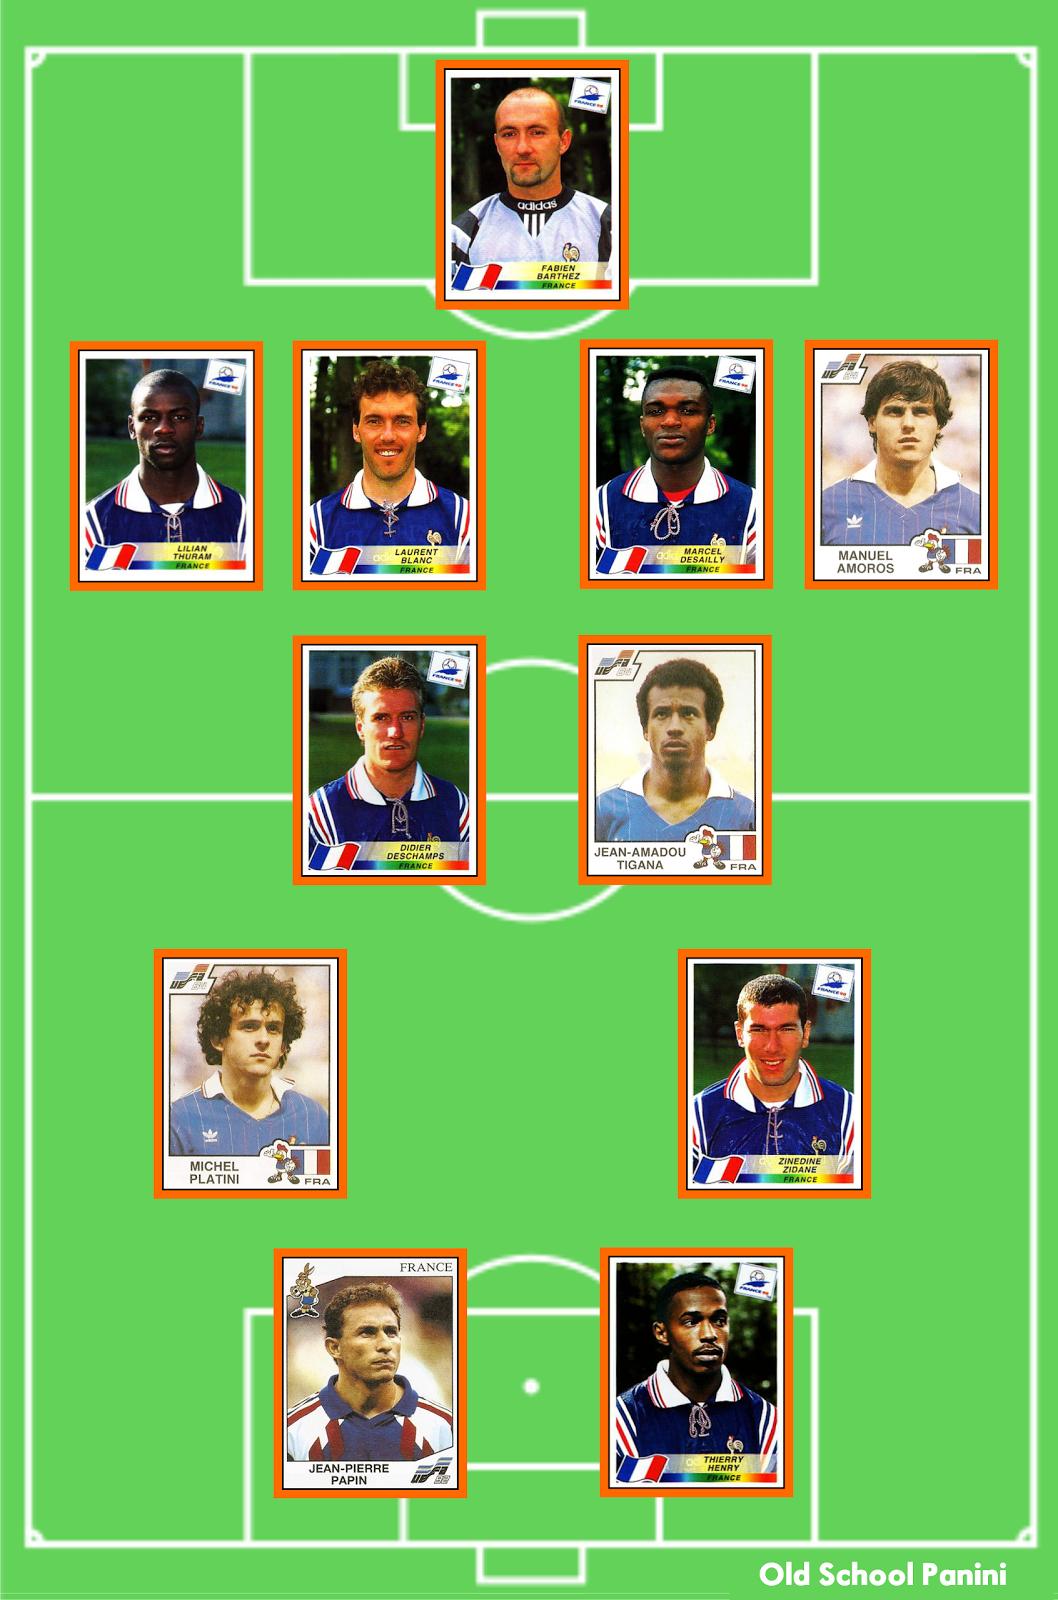 Joueur Equipe De France 1998 : joueur, equipe, france, School, Panini:, L'équipe, France, Temps